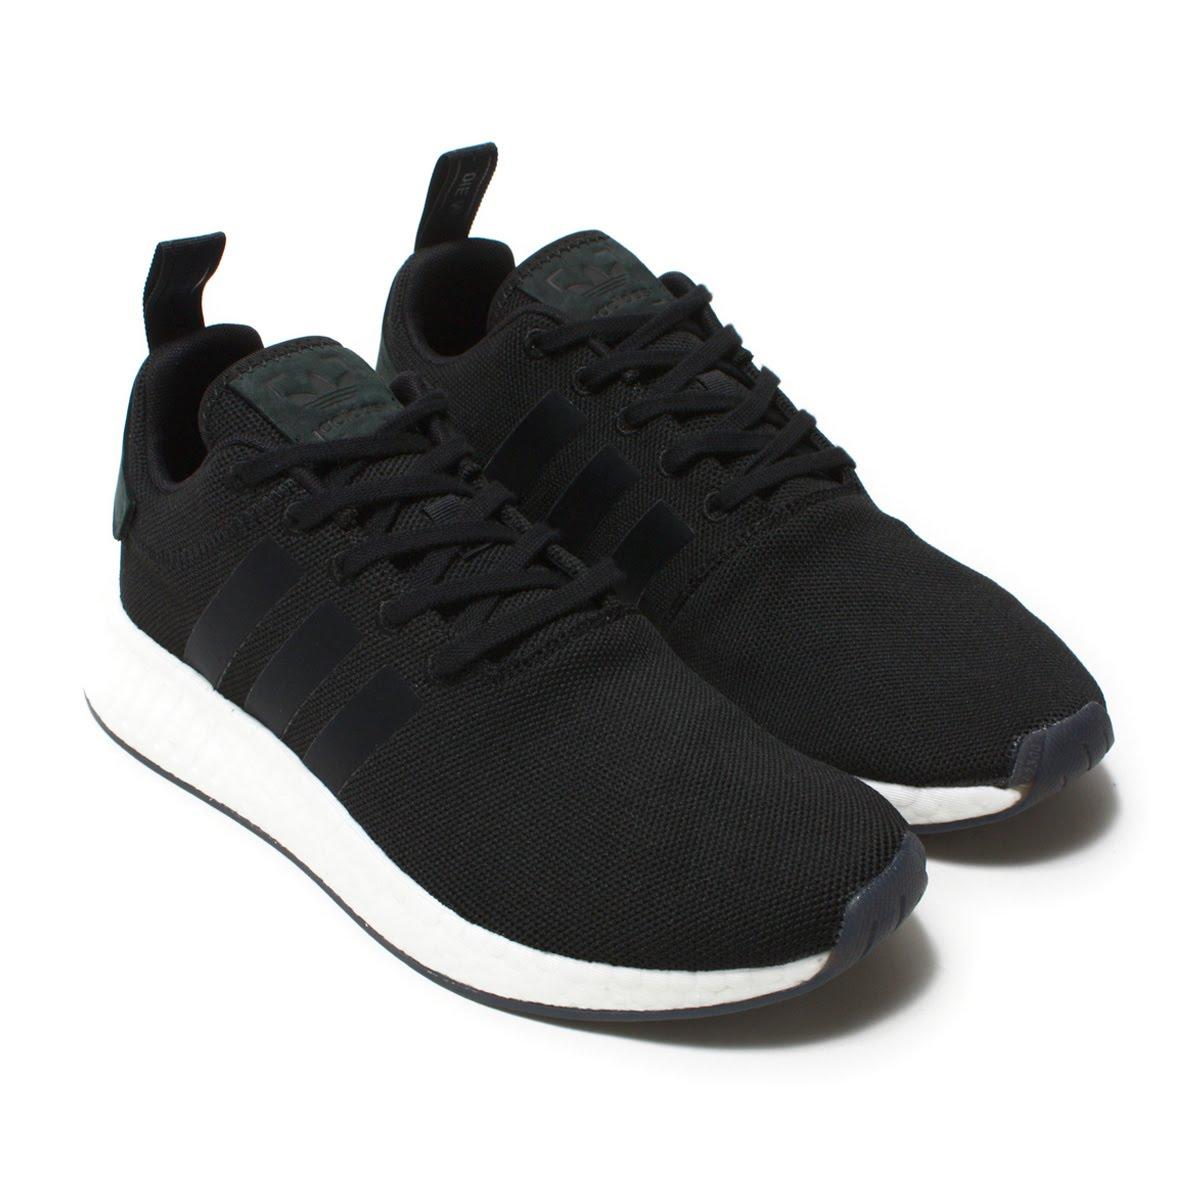 2019年最新海外 adidas Black/Core adidas Originals NMD_R2(アディダス オリジナルス エヌエムディー R2) Core R2) Black/Core Black/Core Black18SS-I, アカビラシ:5db76756 --- paulogalvao.com